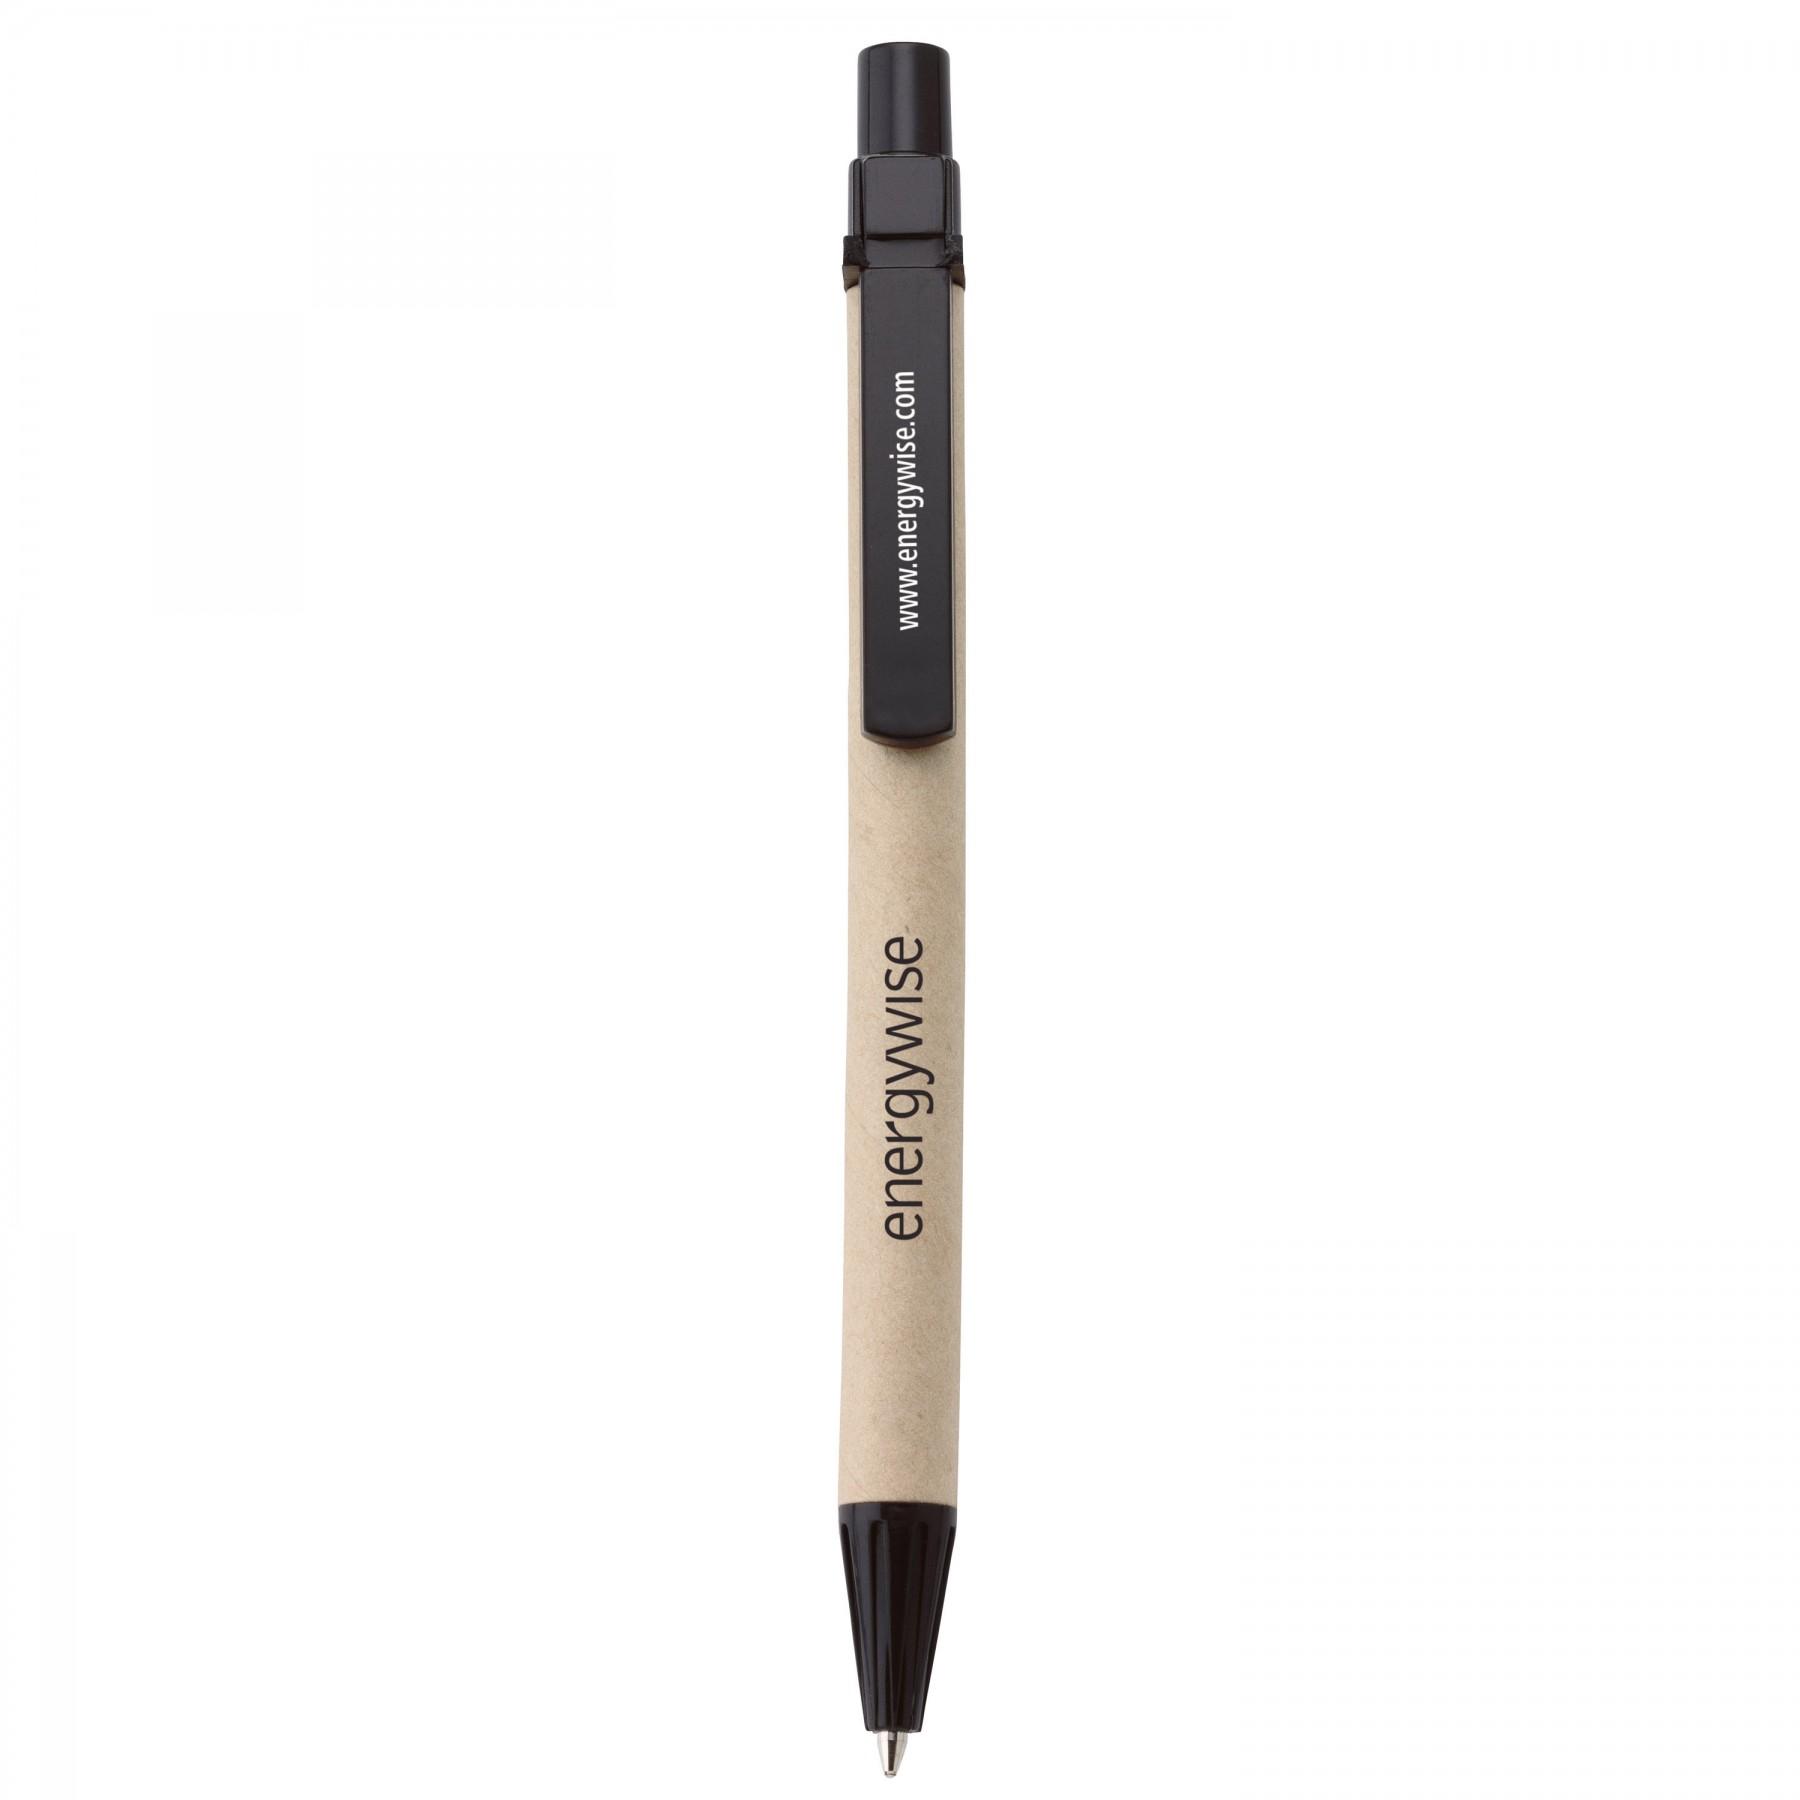 Ecologist Ballpoint Pen, EC1090, One Colour Imprint